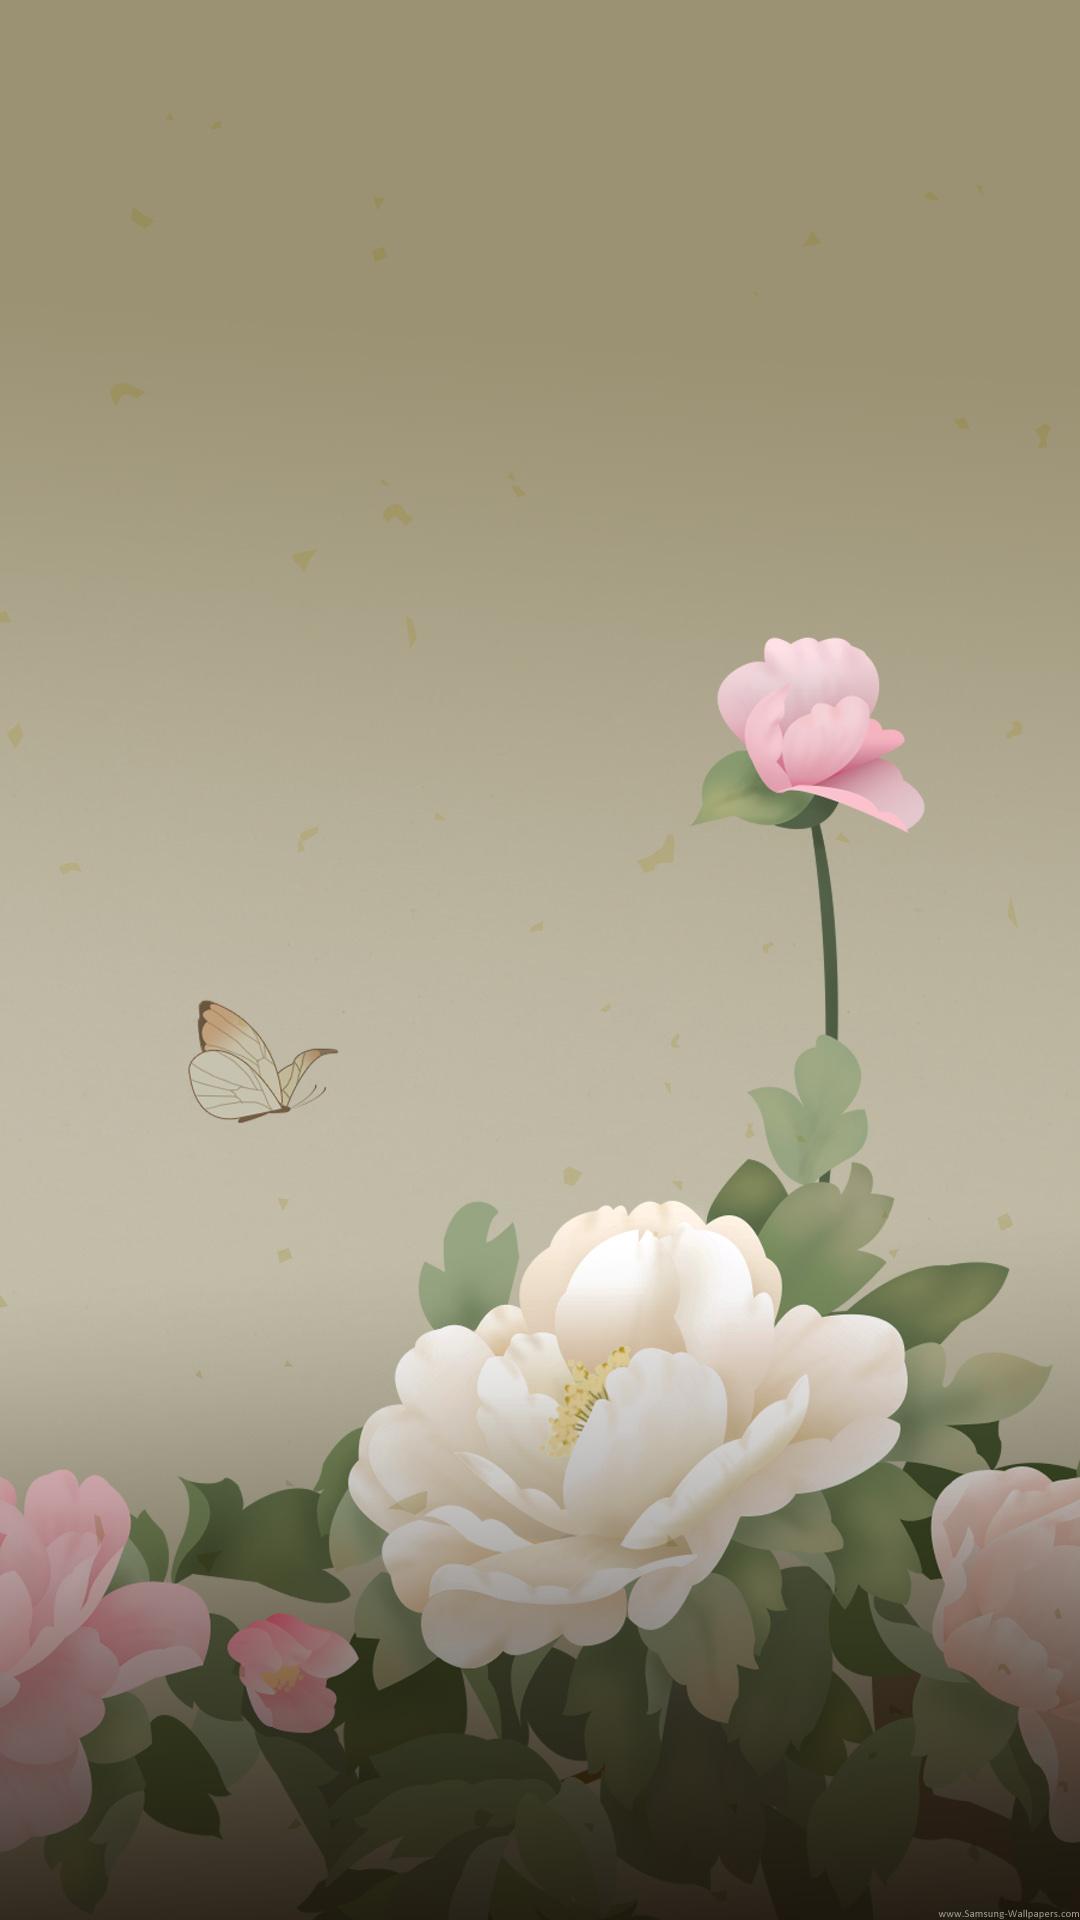 和風の花びらと蝶 iPhone6 Plus 壁紙